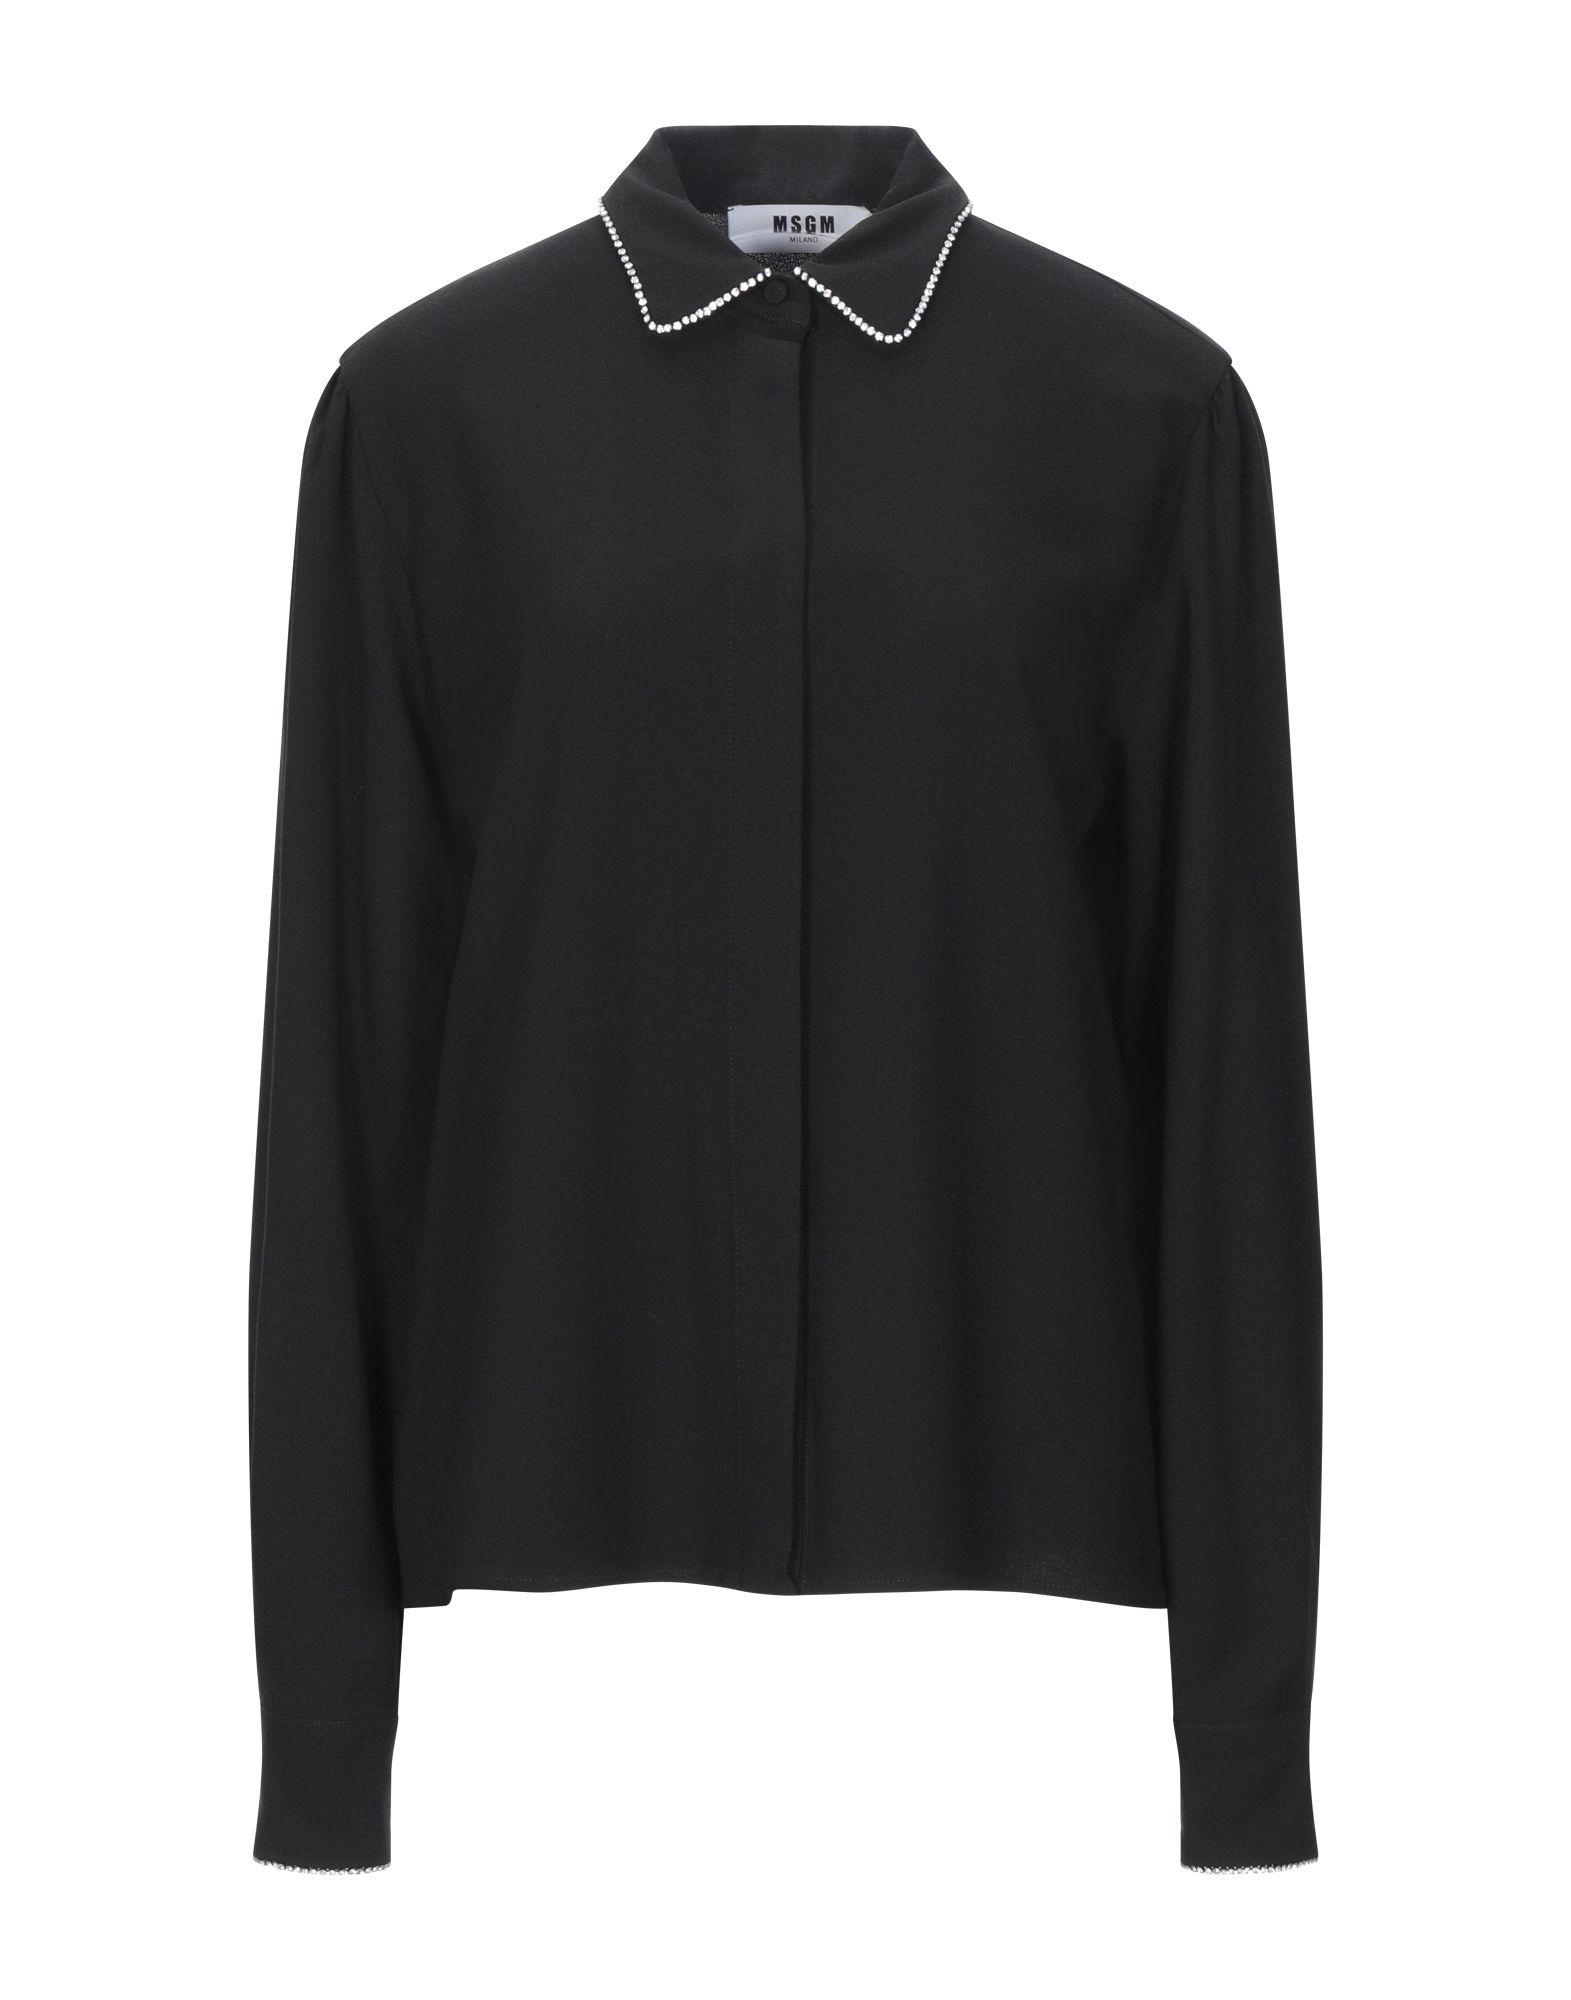 《セール開催中》MSGM レディース シャツ ブラック 40 レーヨン 98% / ポリウレタン 2% / ガラス / 金属 / ポリエステル